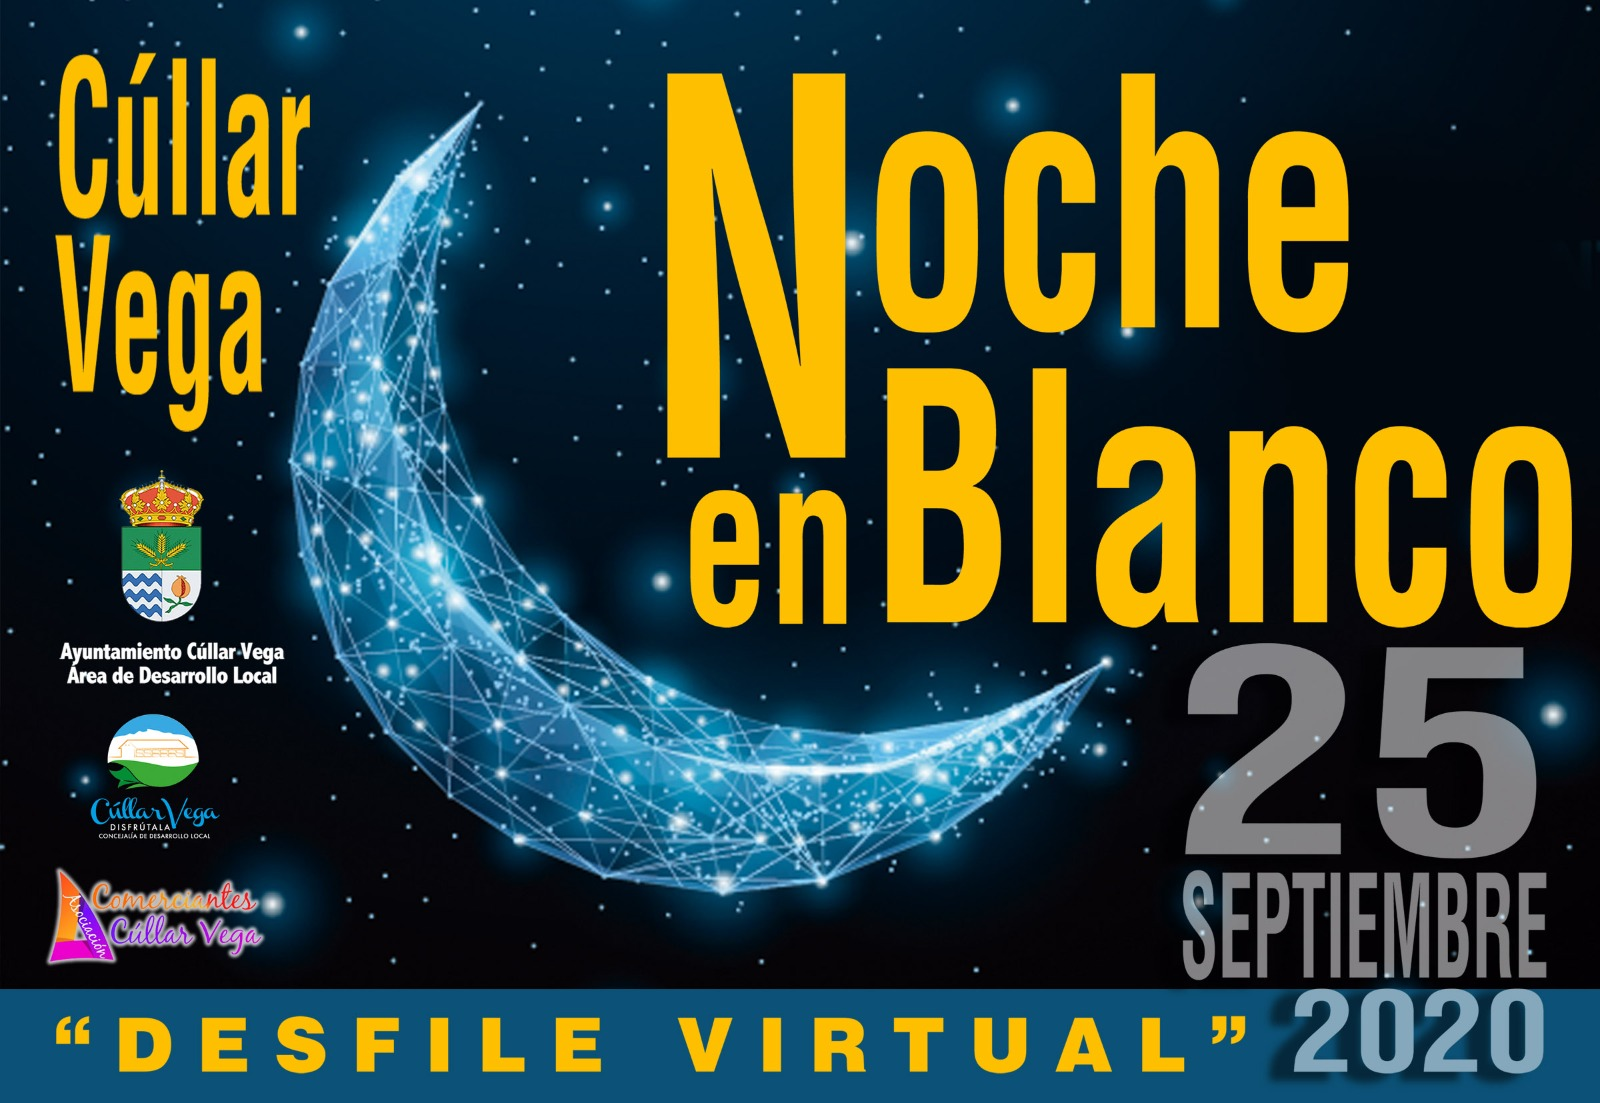 Vídeo promocional de la Noche en Blanco 2020 en Cúllar Vega